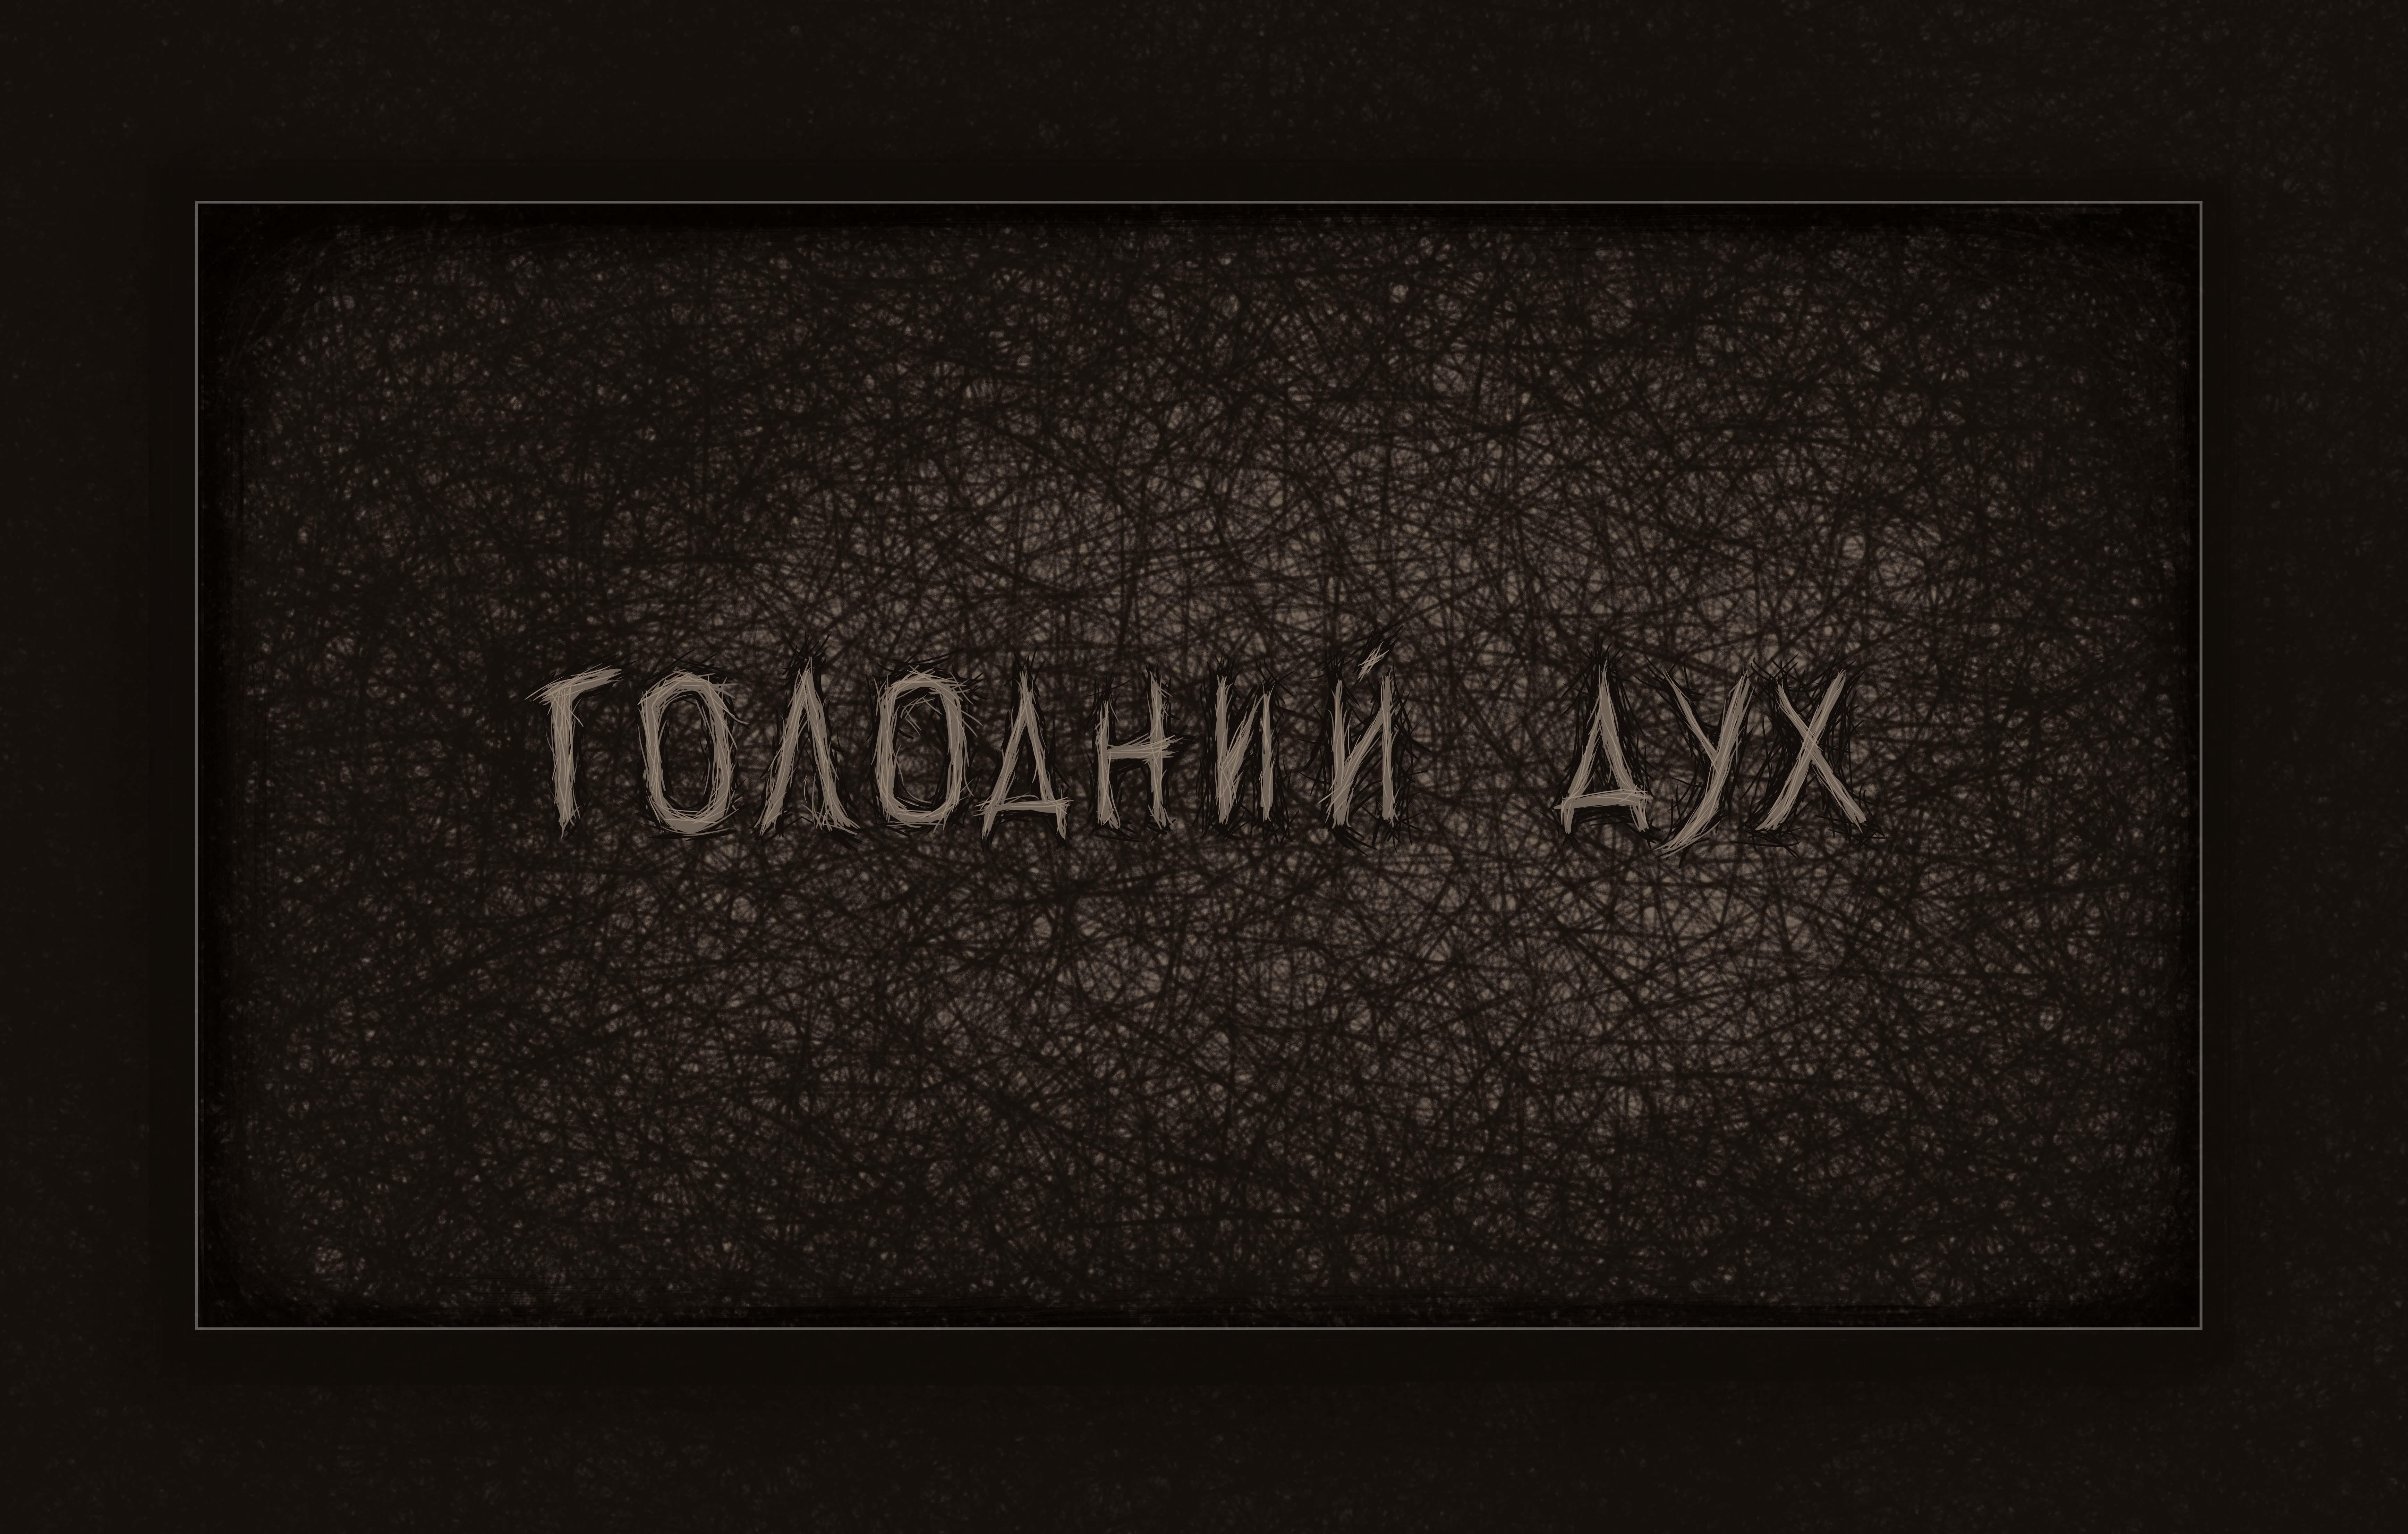 Animagrad створив анімаційну короткометражку «Голодний дух» на тему Голодомору